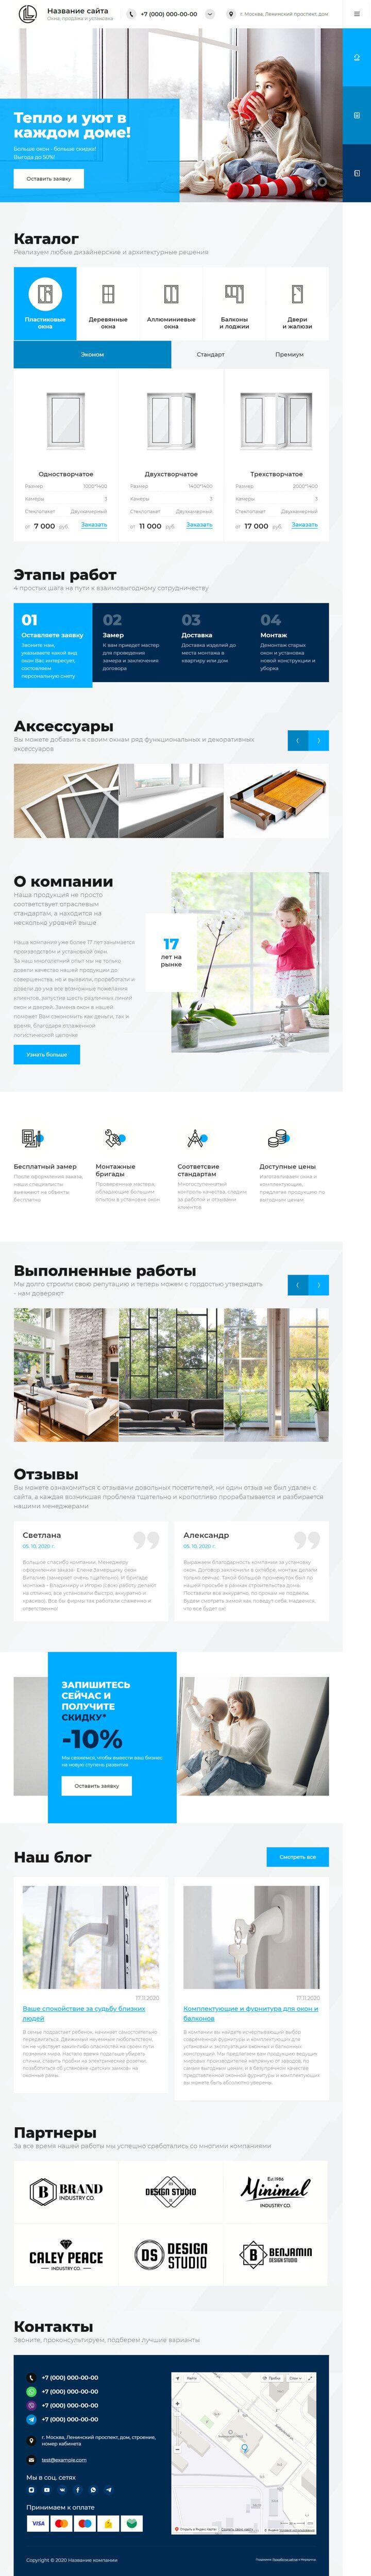 Готовый Сайт-Бизнес #2869513 - Окна, остекление балконов (Главная 1)